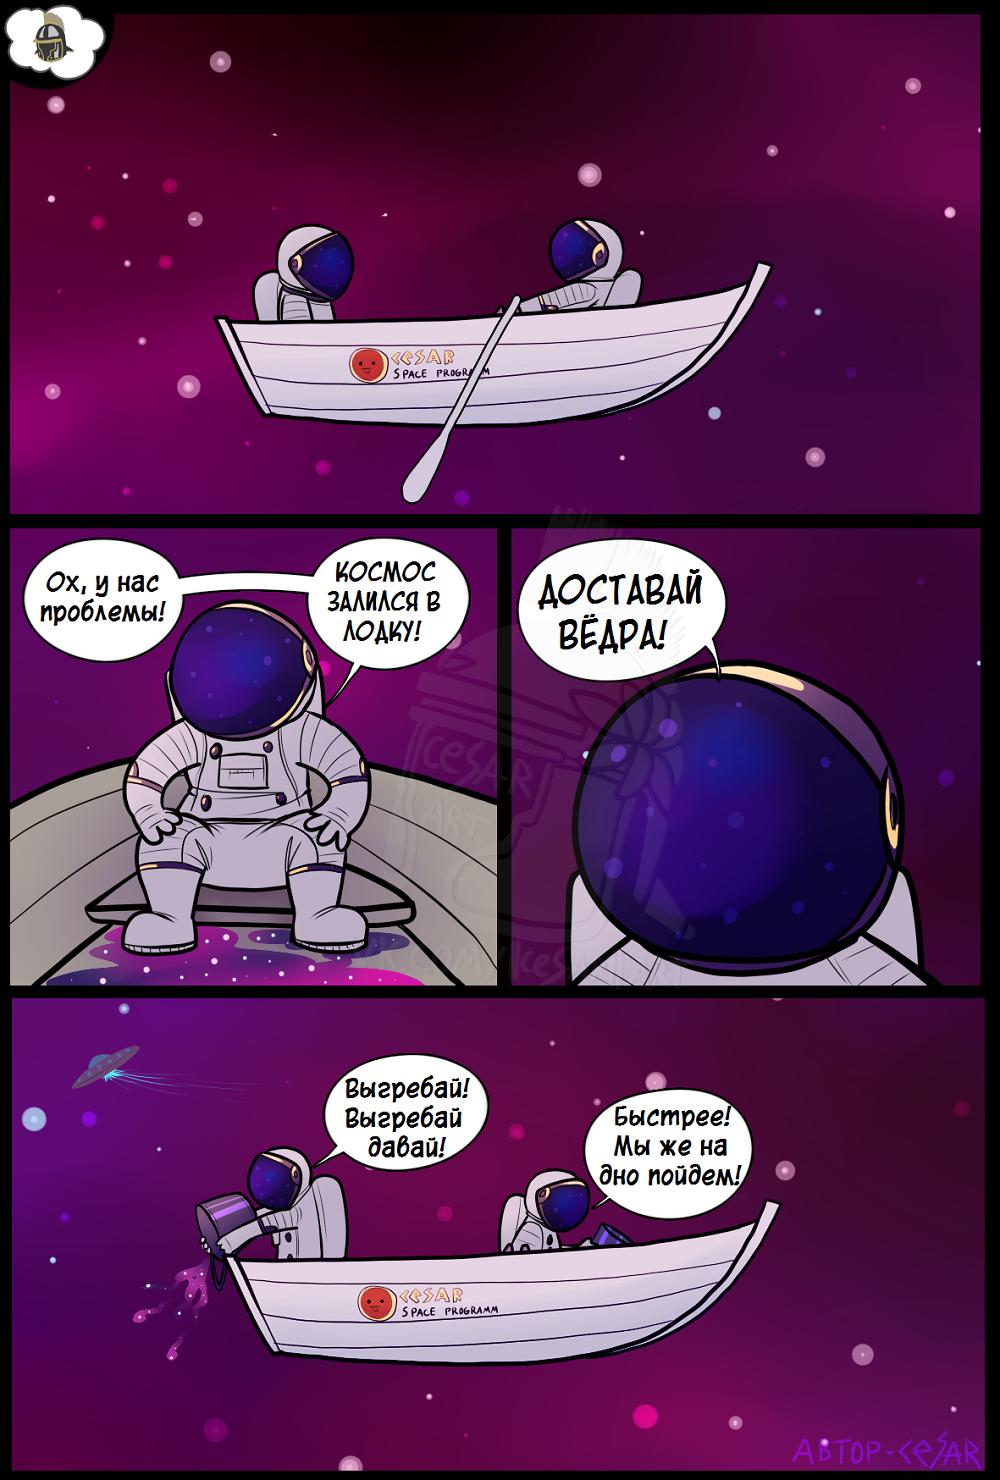 Анекдоты Про Космос